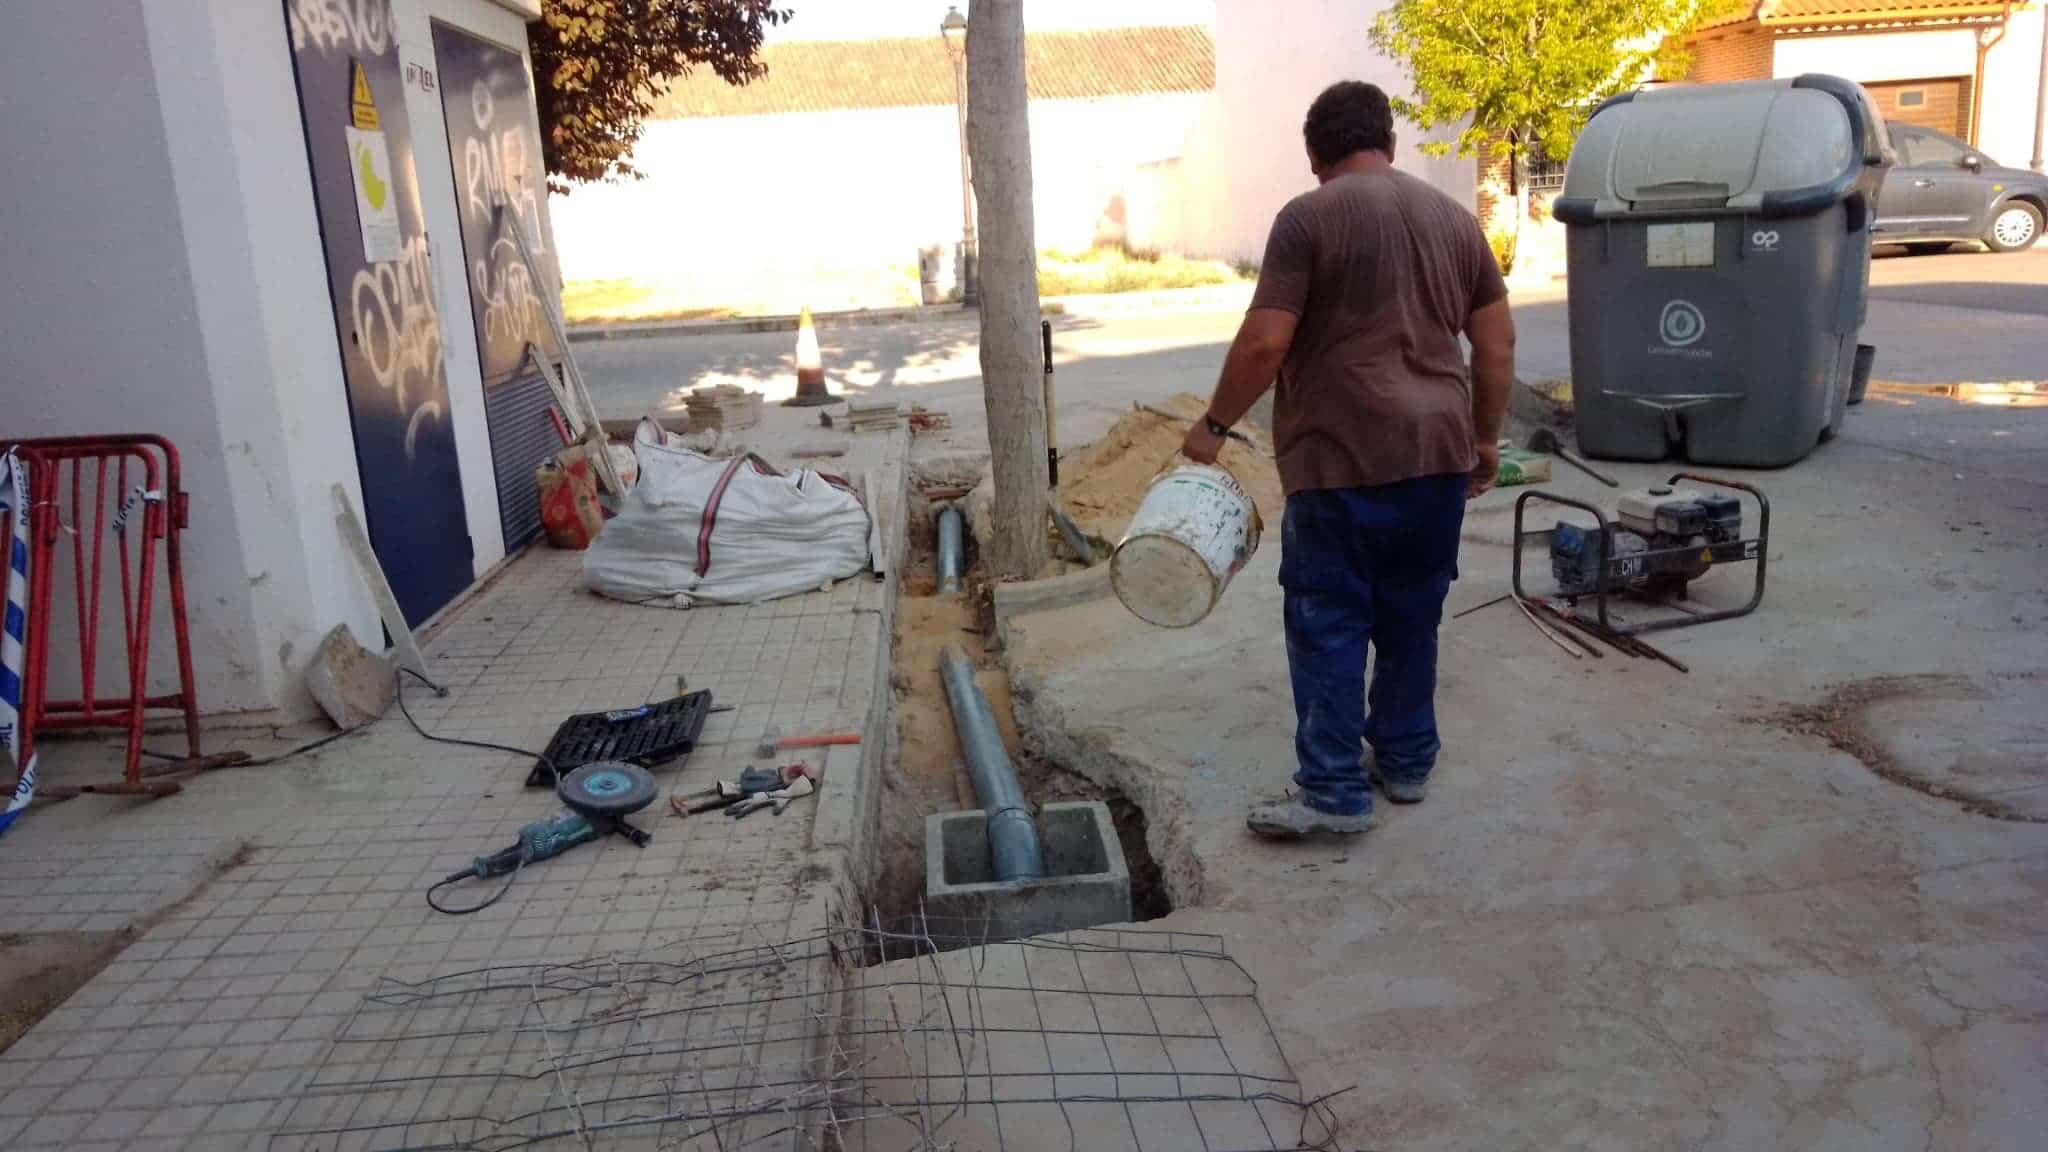 reparando averia agua emaser herencia - Herencia continua realizando mejoras, limpiezas y recogiendo residuos